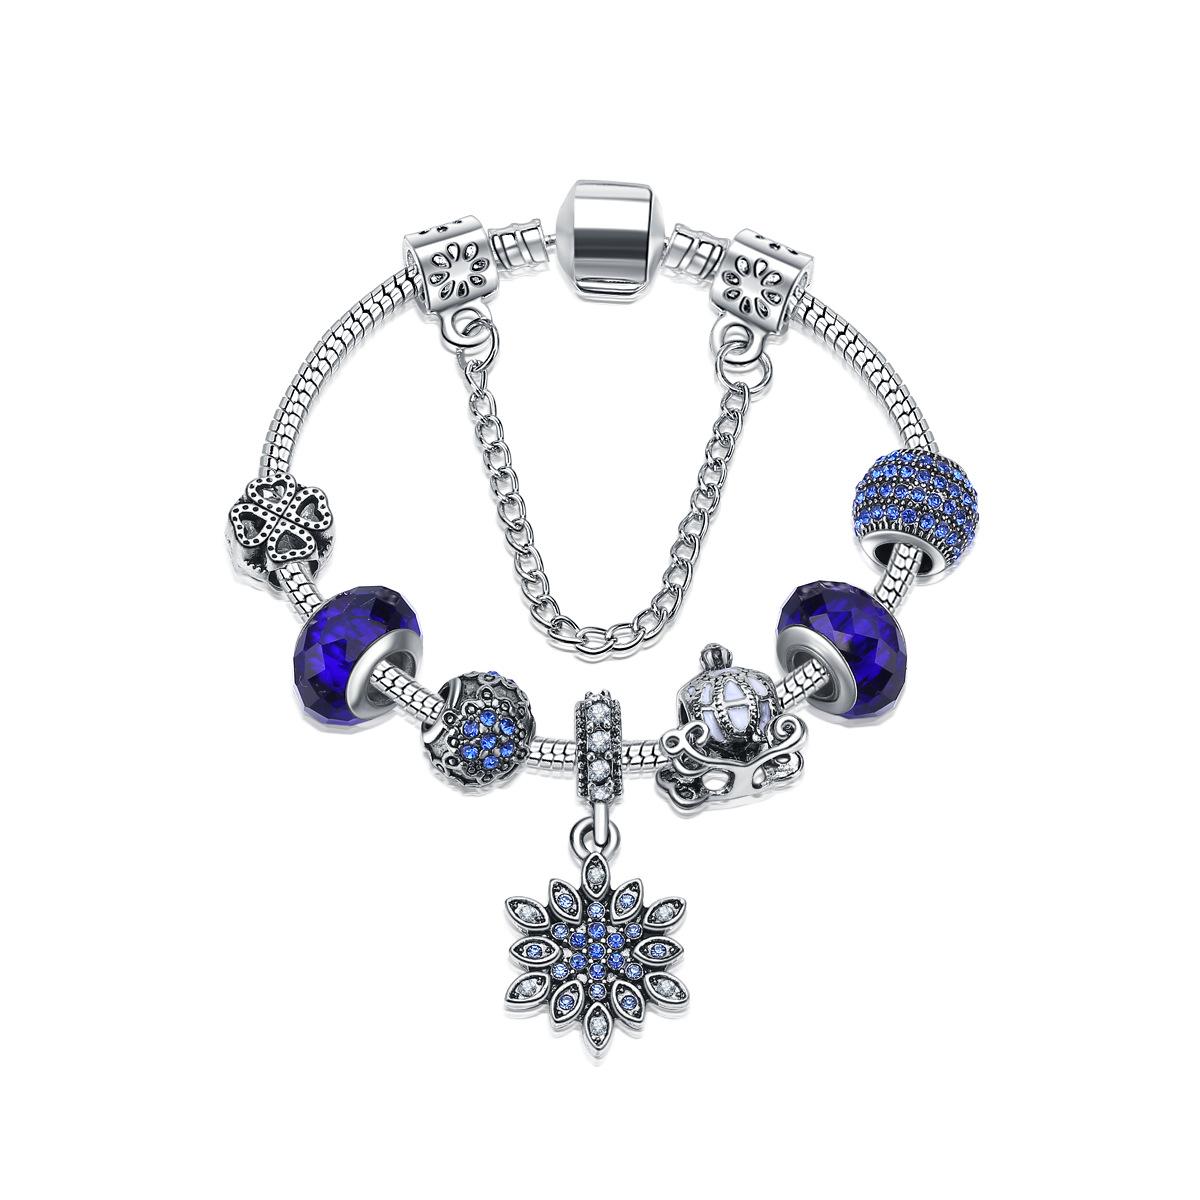 魔法潘多拉天使手链女网红同款镯蓝色海洋之心林心如基础串珠子防